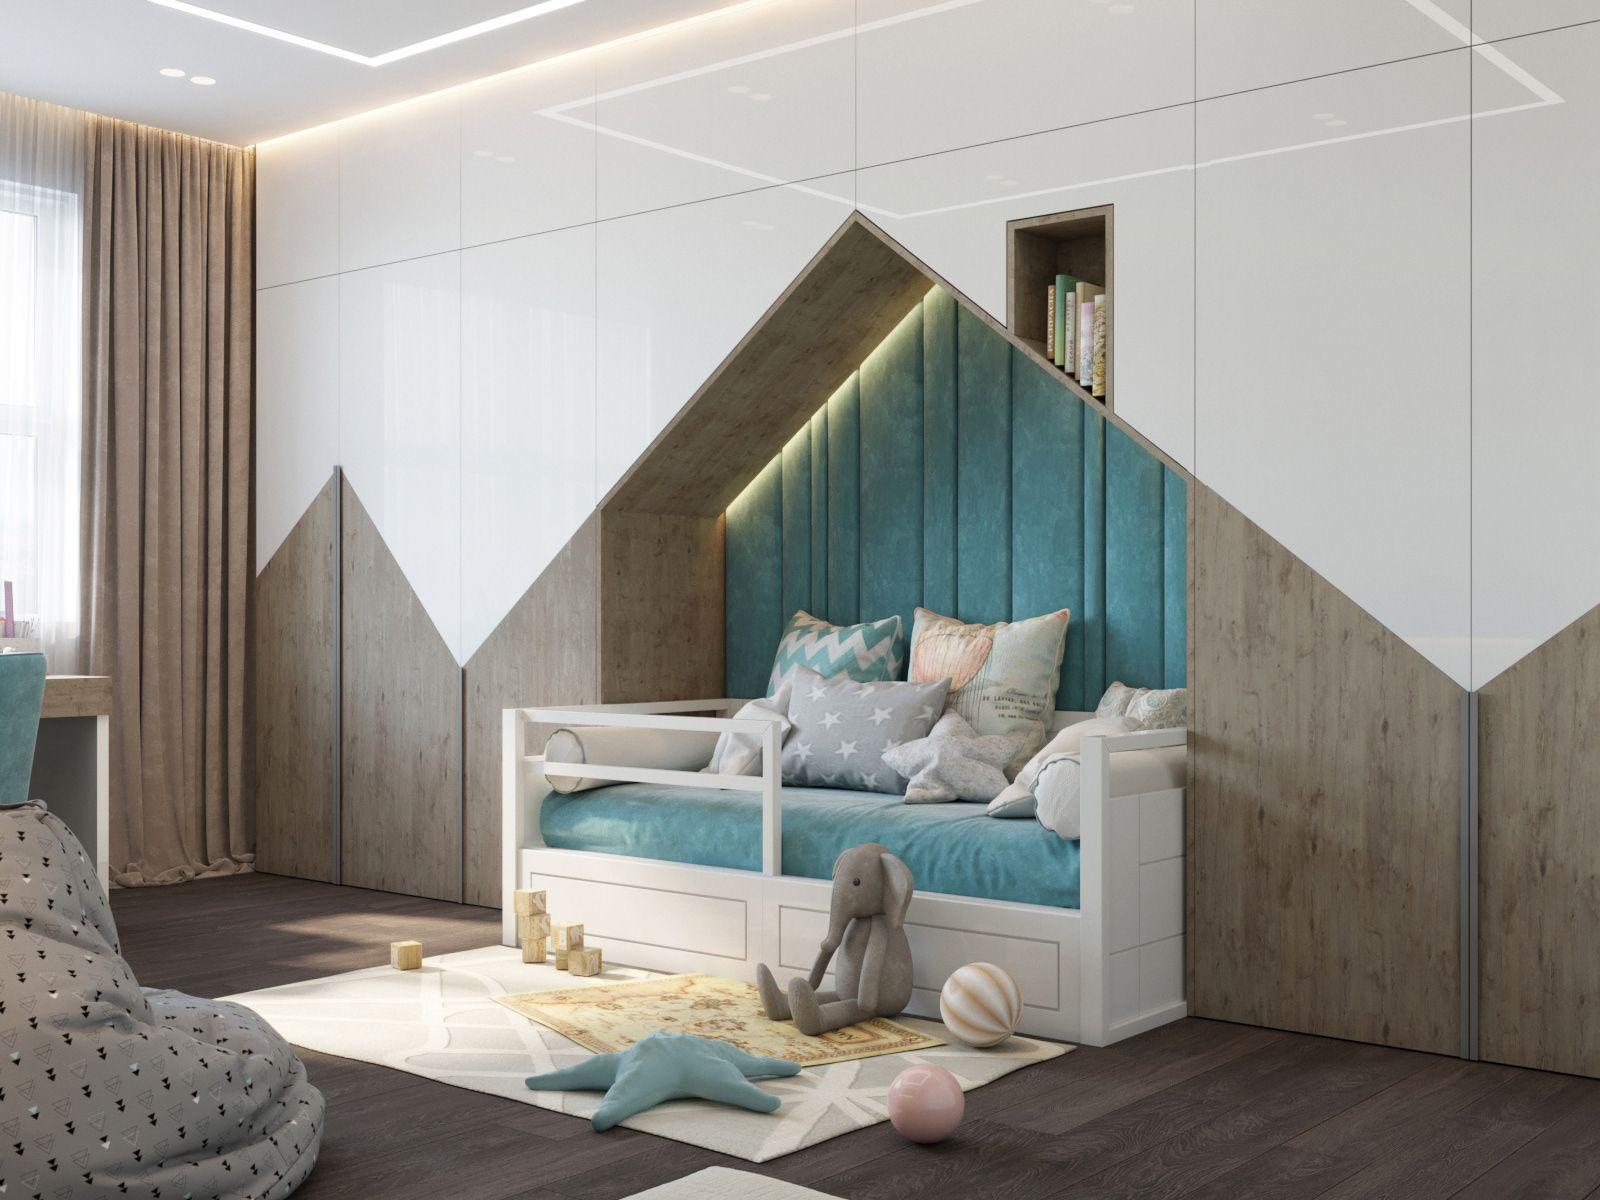 Amazing Bedroom Idea For Children Kids Interior Room Kids Room Interior Design Toddler Bedroom Design Kids bedroom interior decor